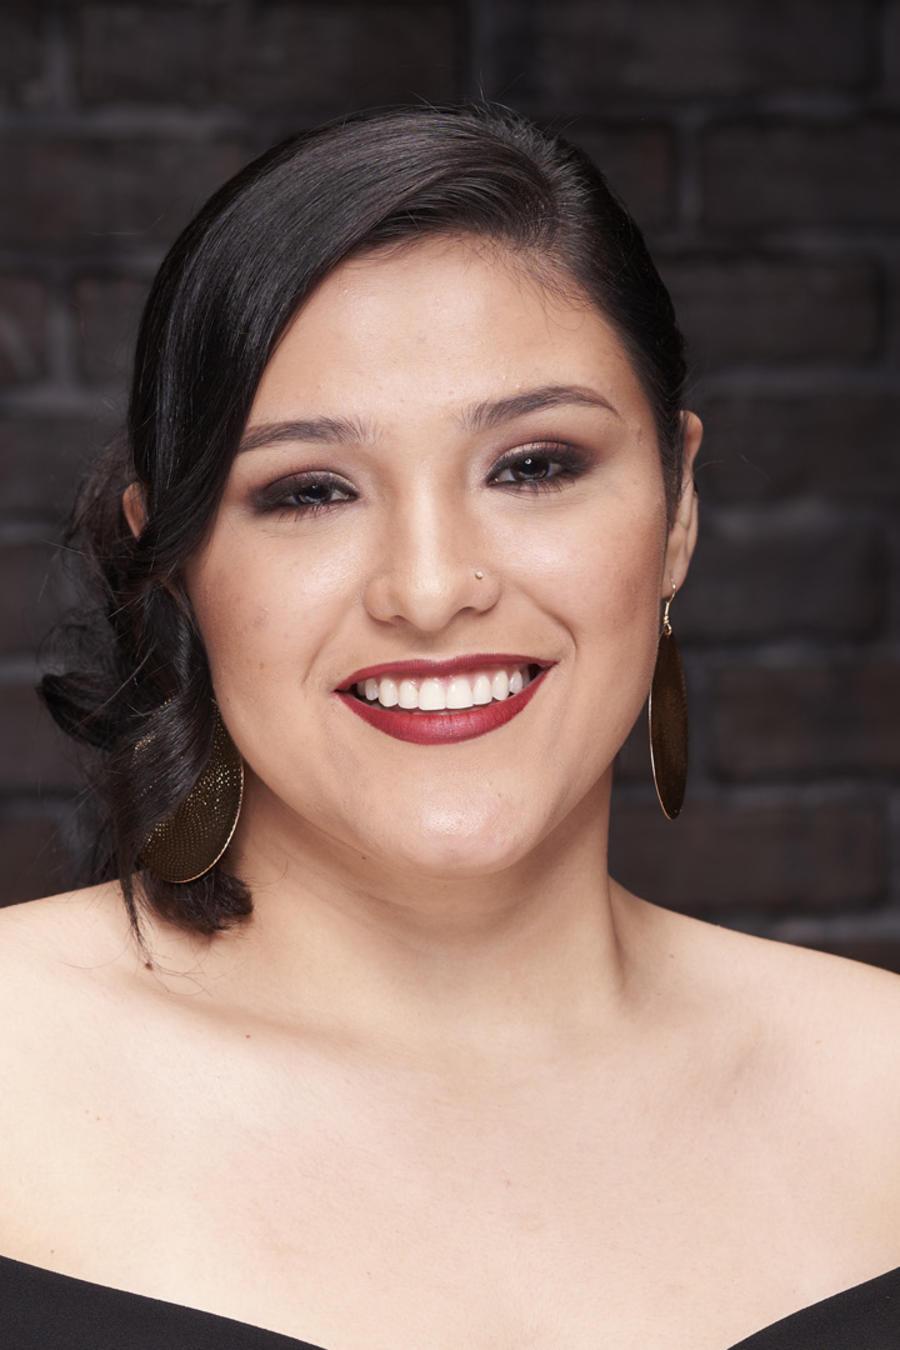 Yesica Orozco, El Comeback Stage, La Voz US 2